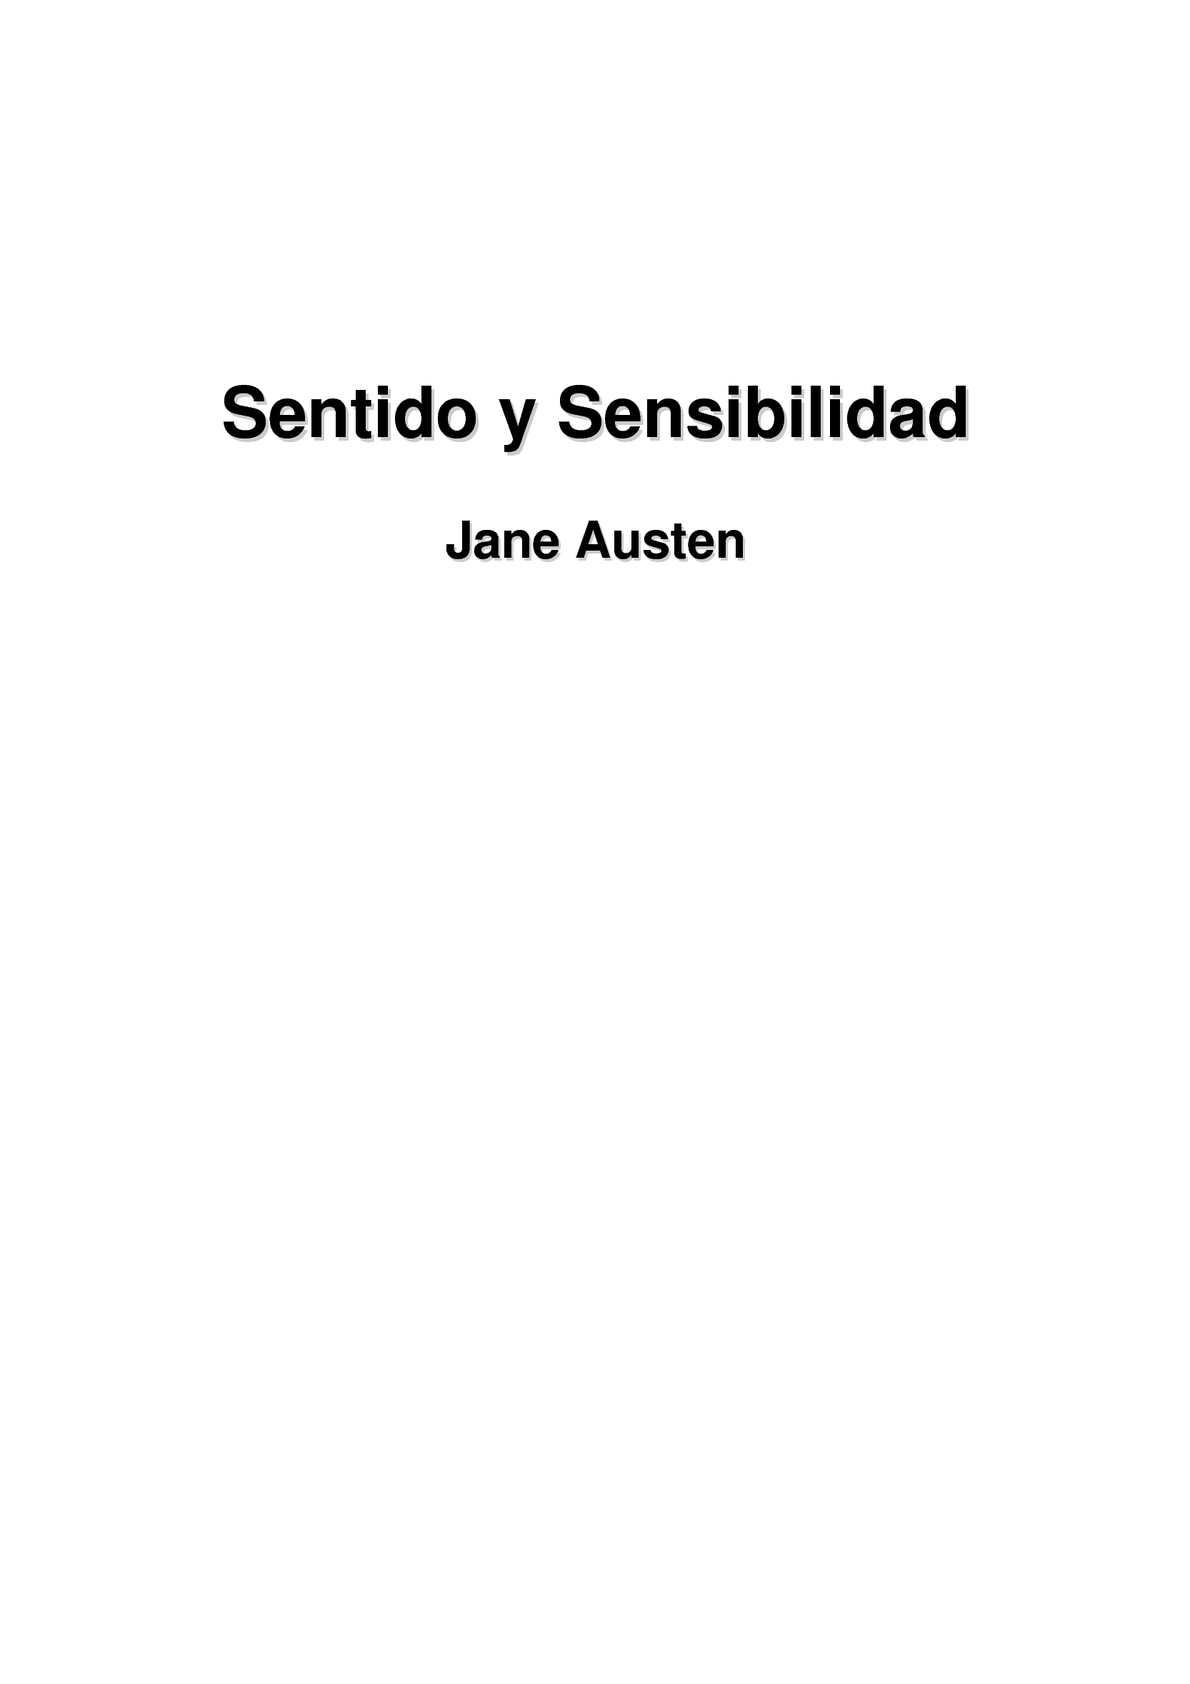 a58765b0b Calaméo - Sentido y sensibilidad